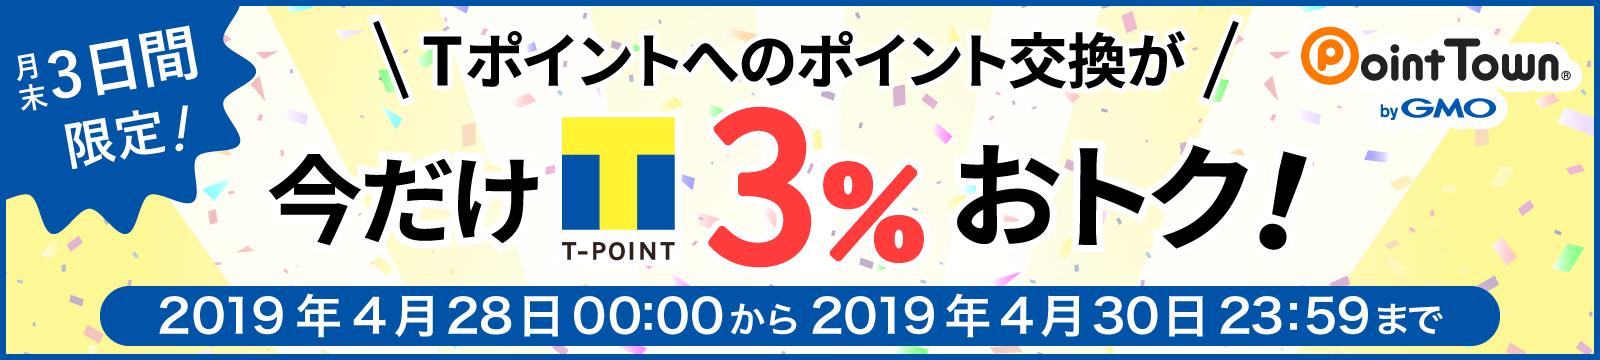 Tポイント3%オトク